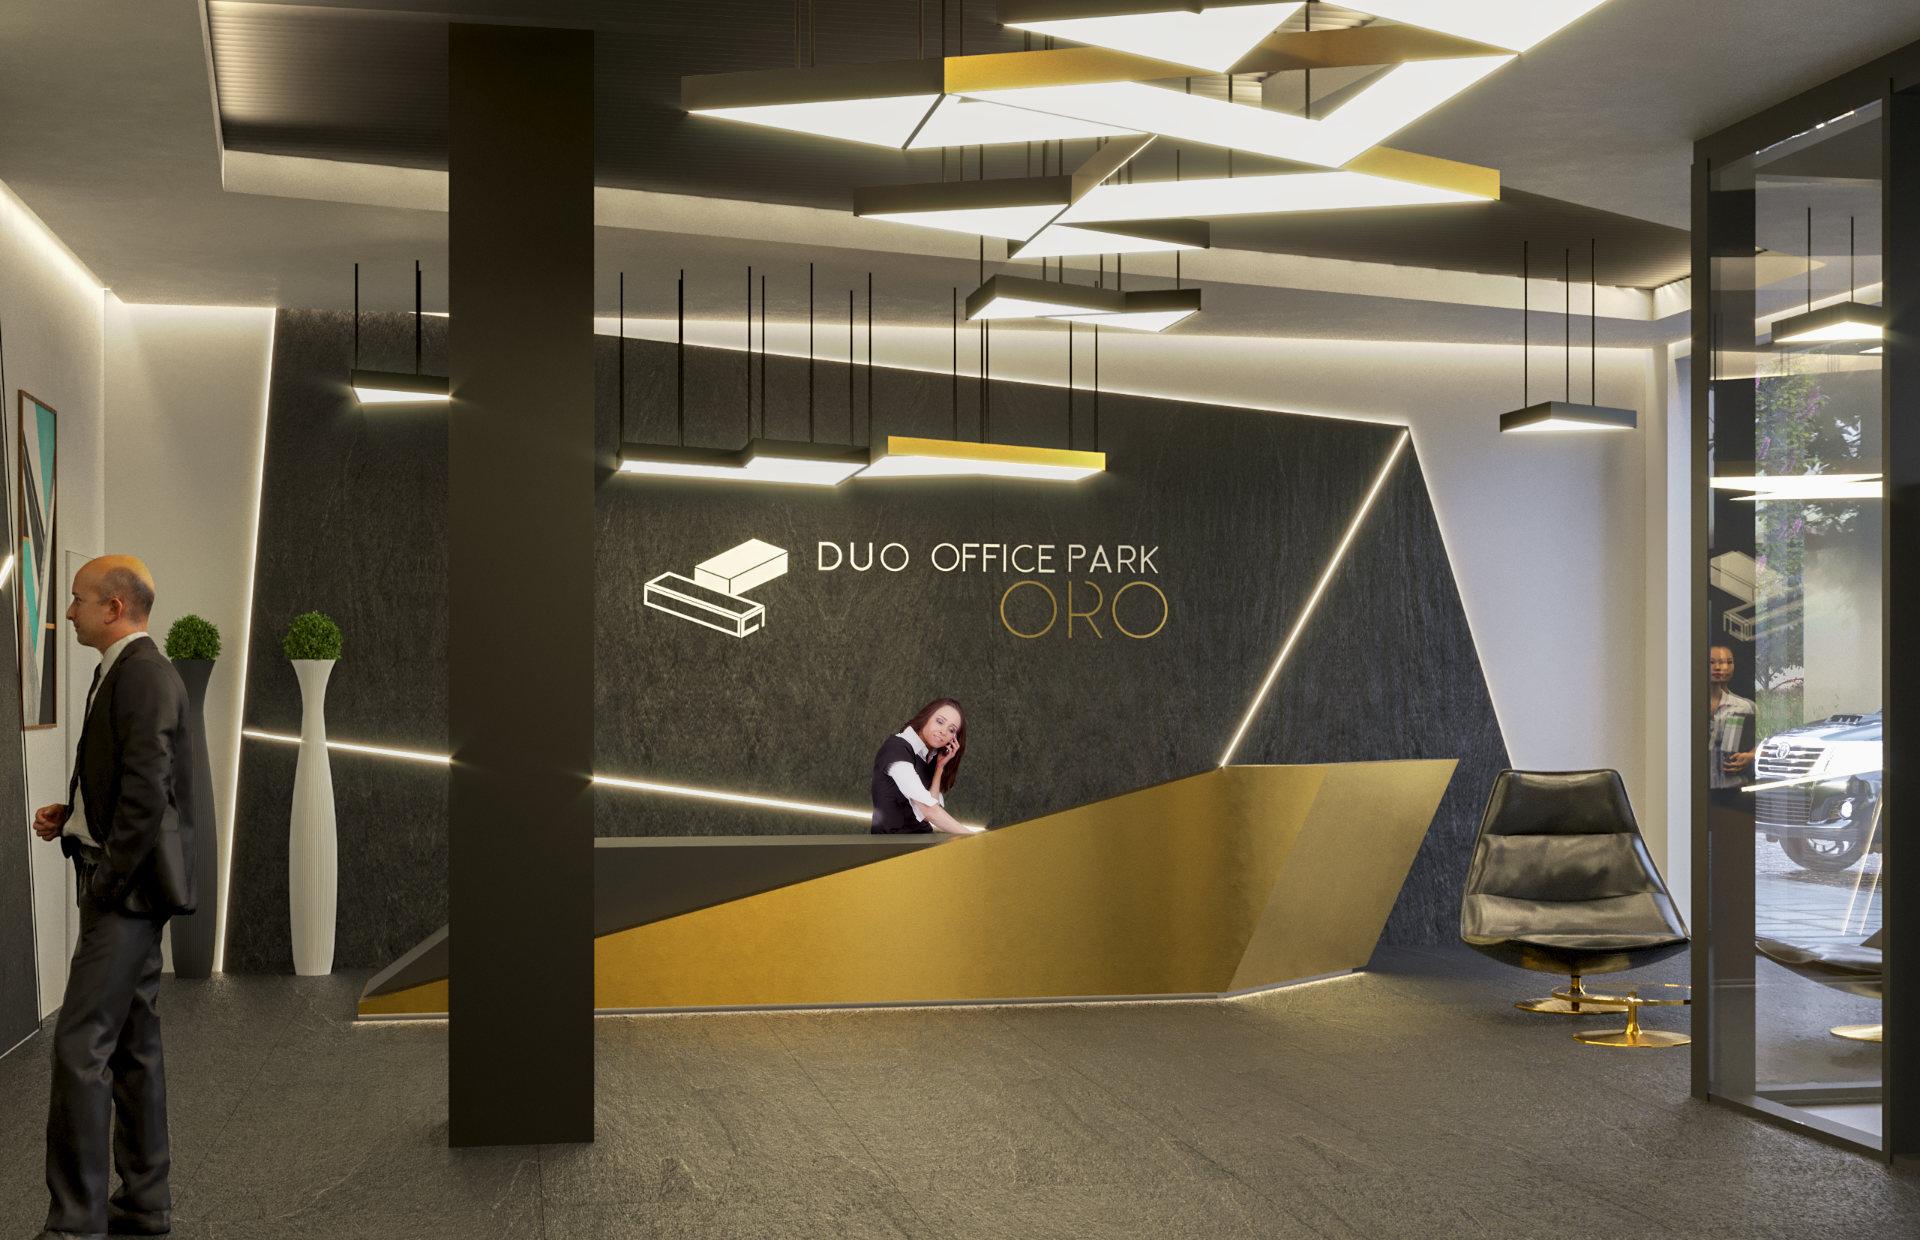 KRAKÓW   DUO OFFICE PARK: Bud. Oro i Bud. Argento - zdjęcie 2